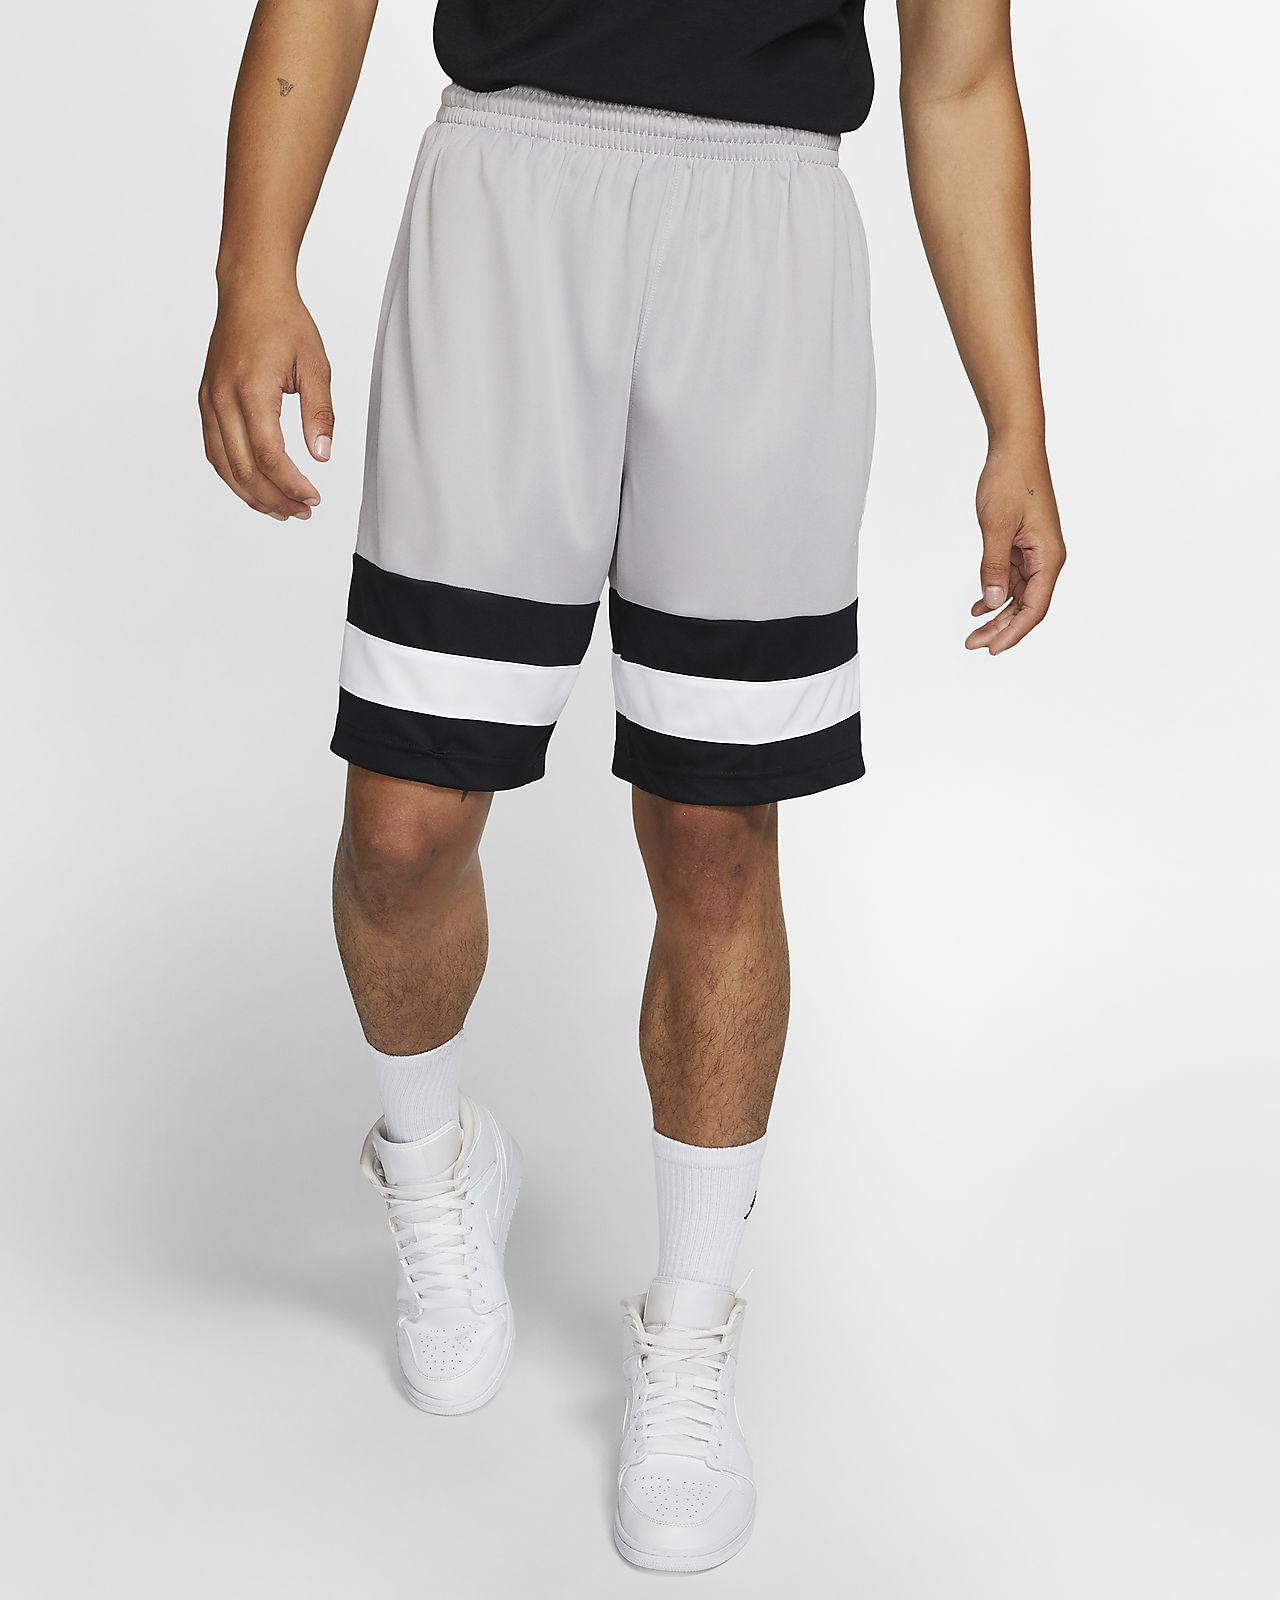 nike air max 97 shorts